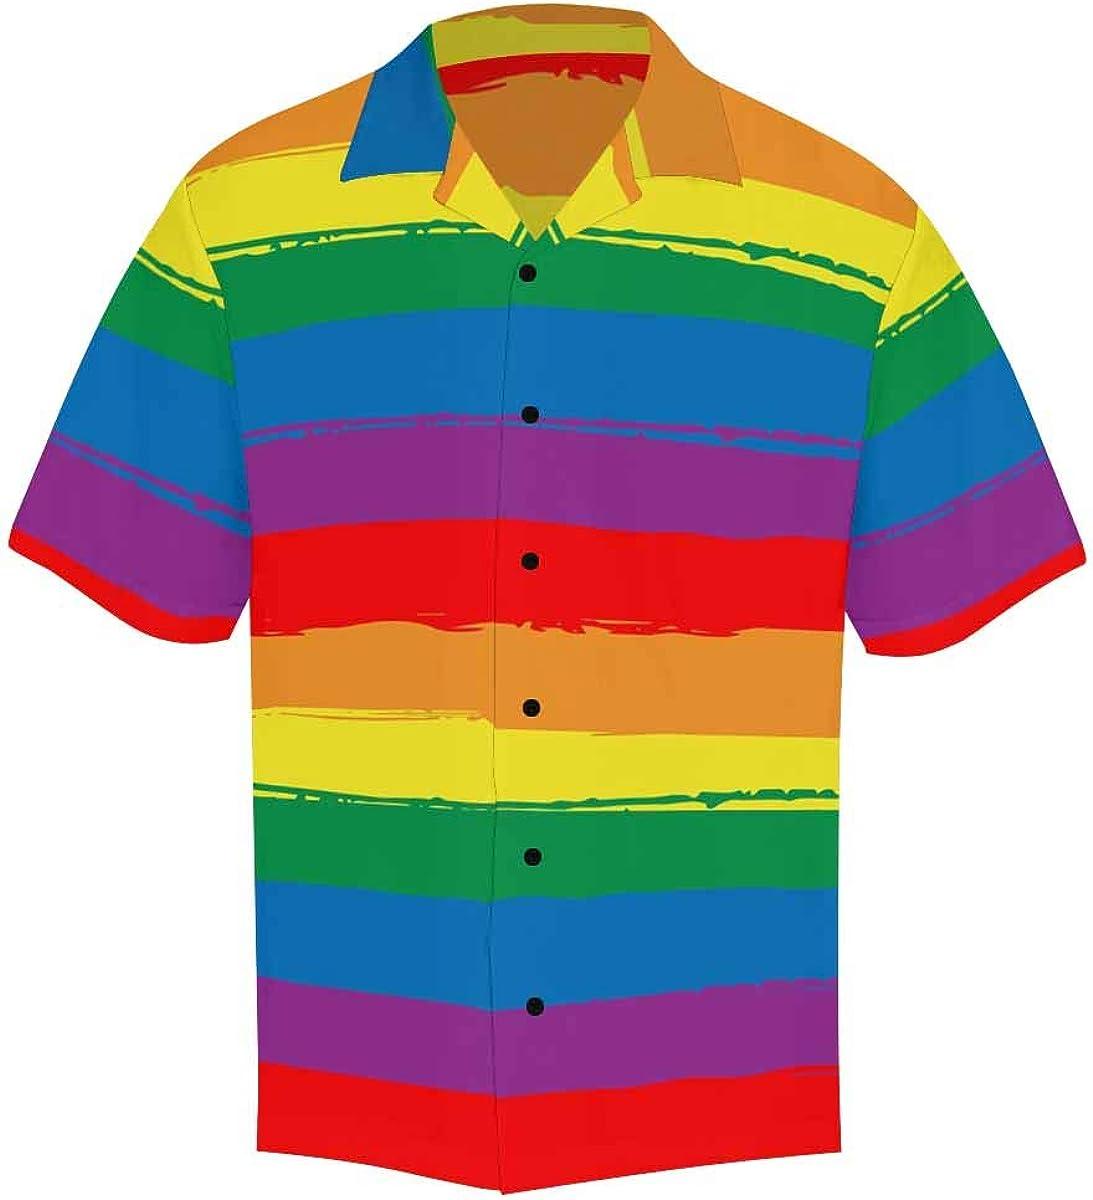 InterestPrint Men's Casual Button Down Short Sleeve Japanese Summer Pattern Hawaiian Shirt (S-5XL)